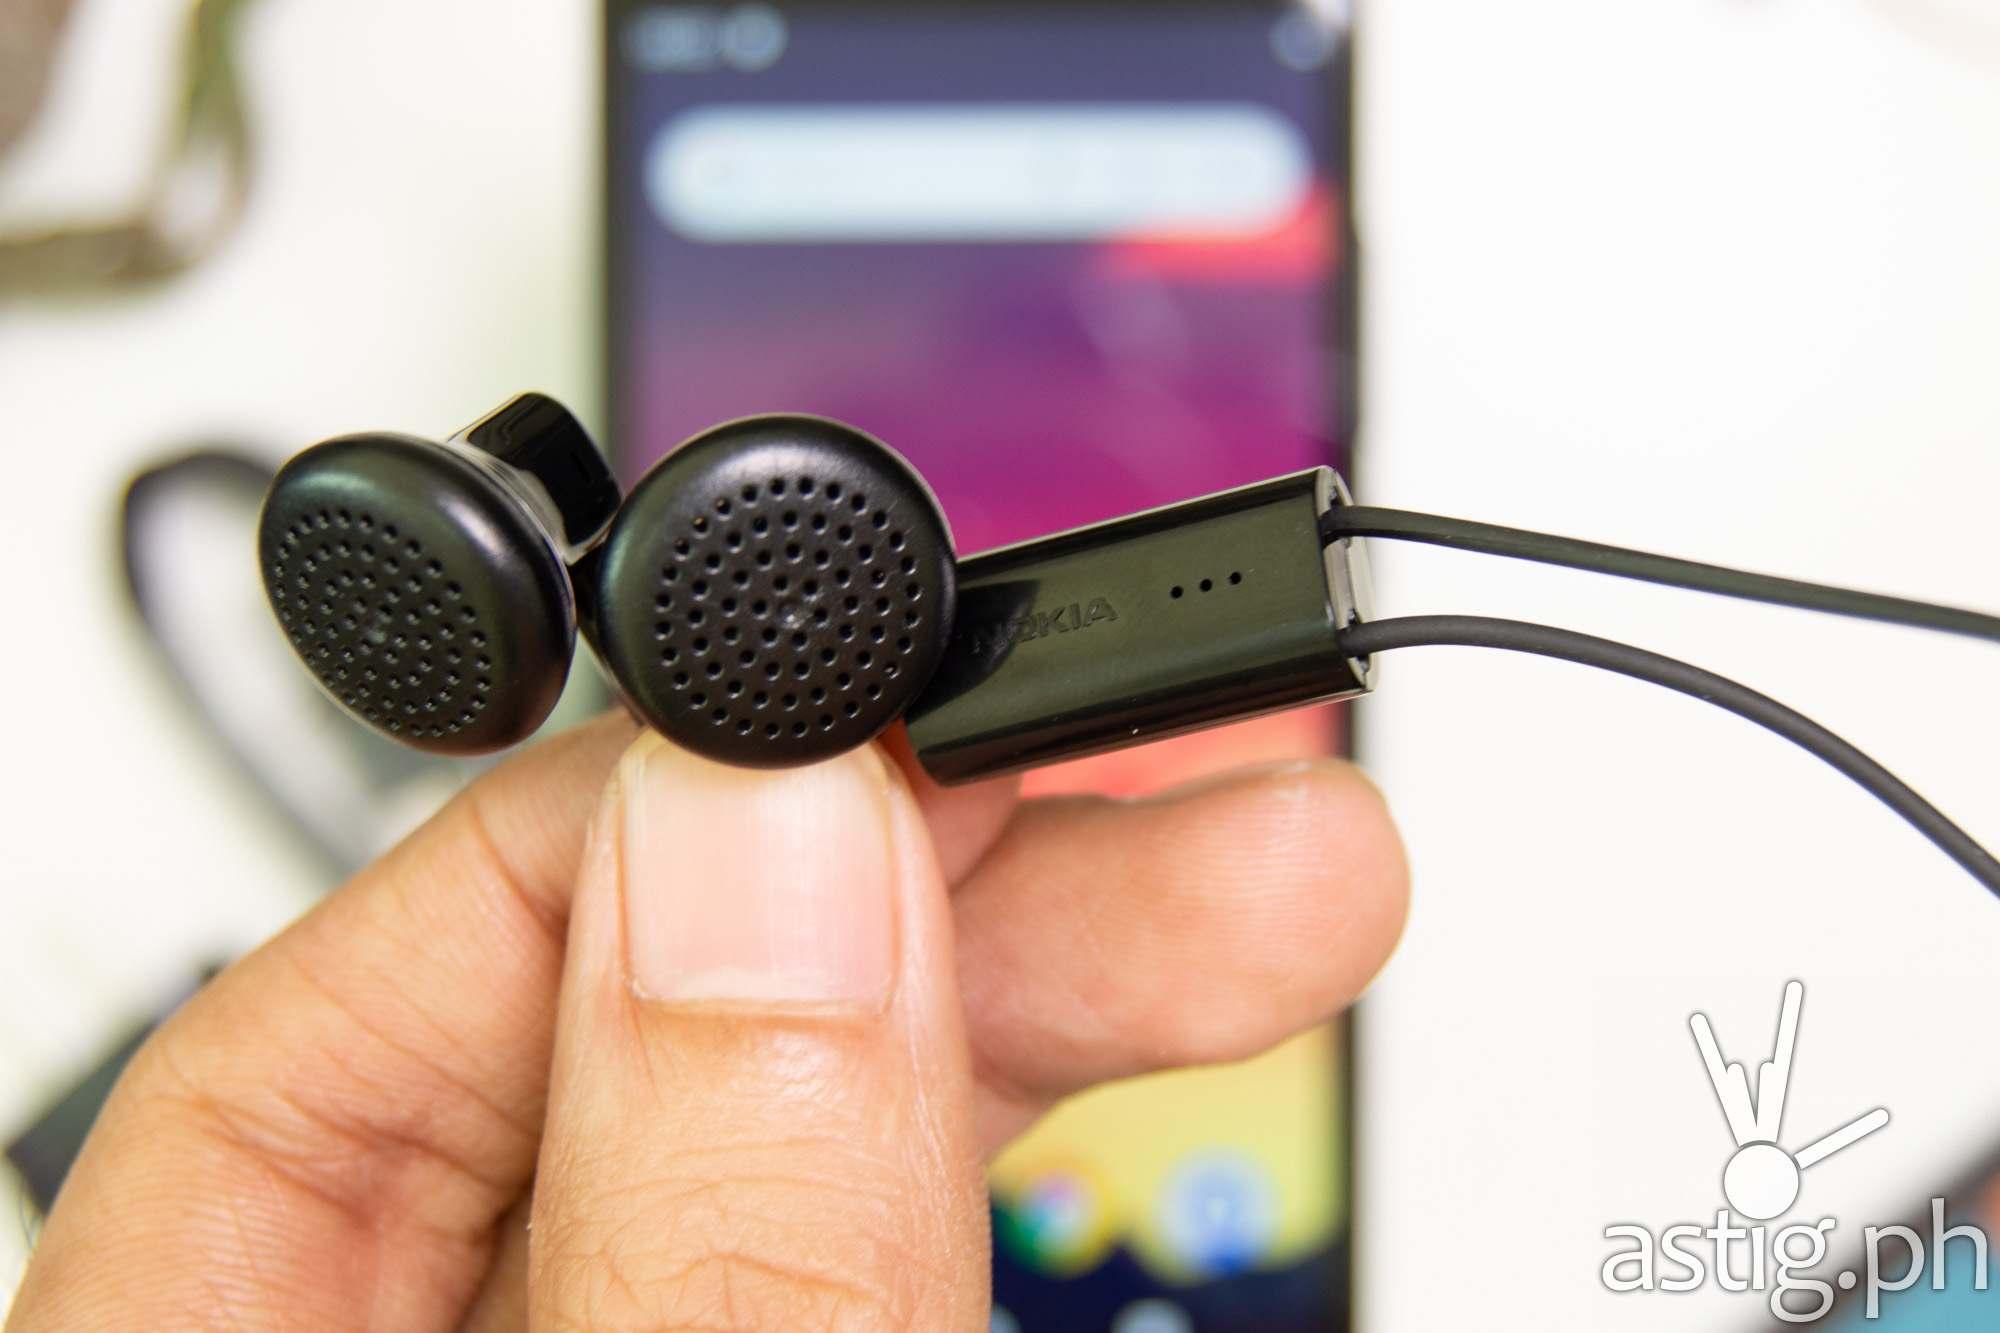 Headset - Nokia C2 (Philippines)